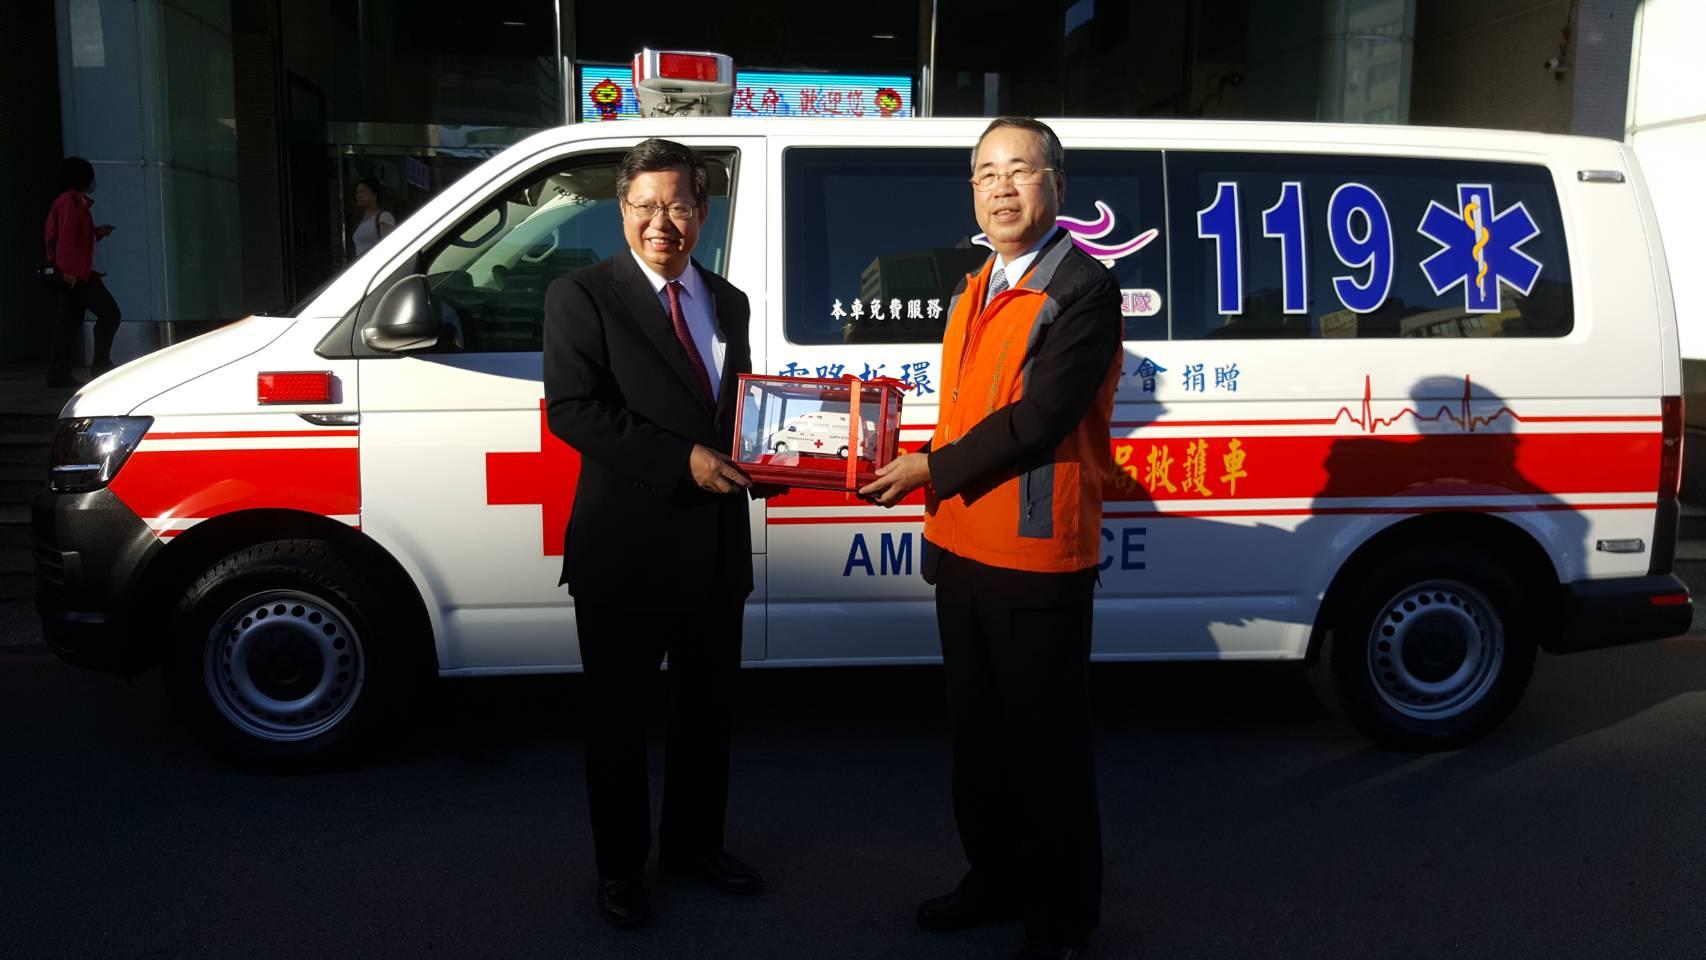 支持TPCF,捐贈桃園市政府救護車 - 志聖工業